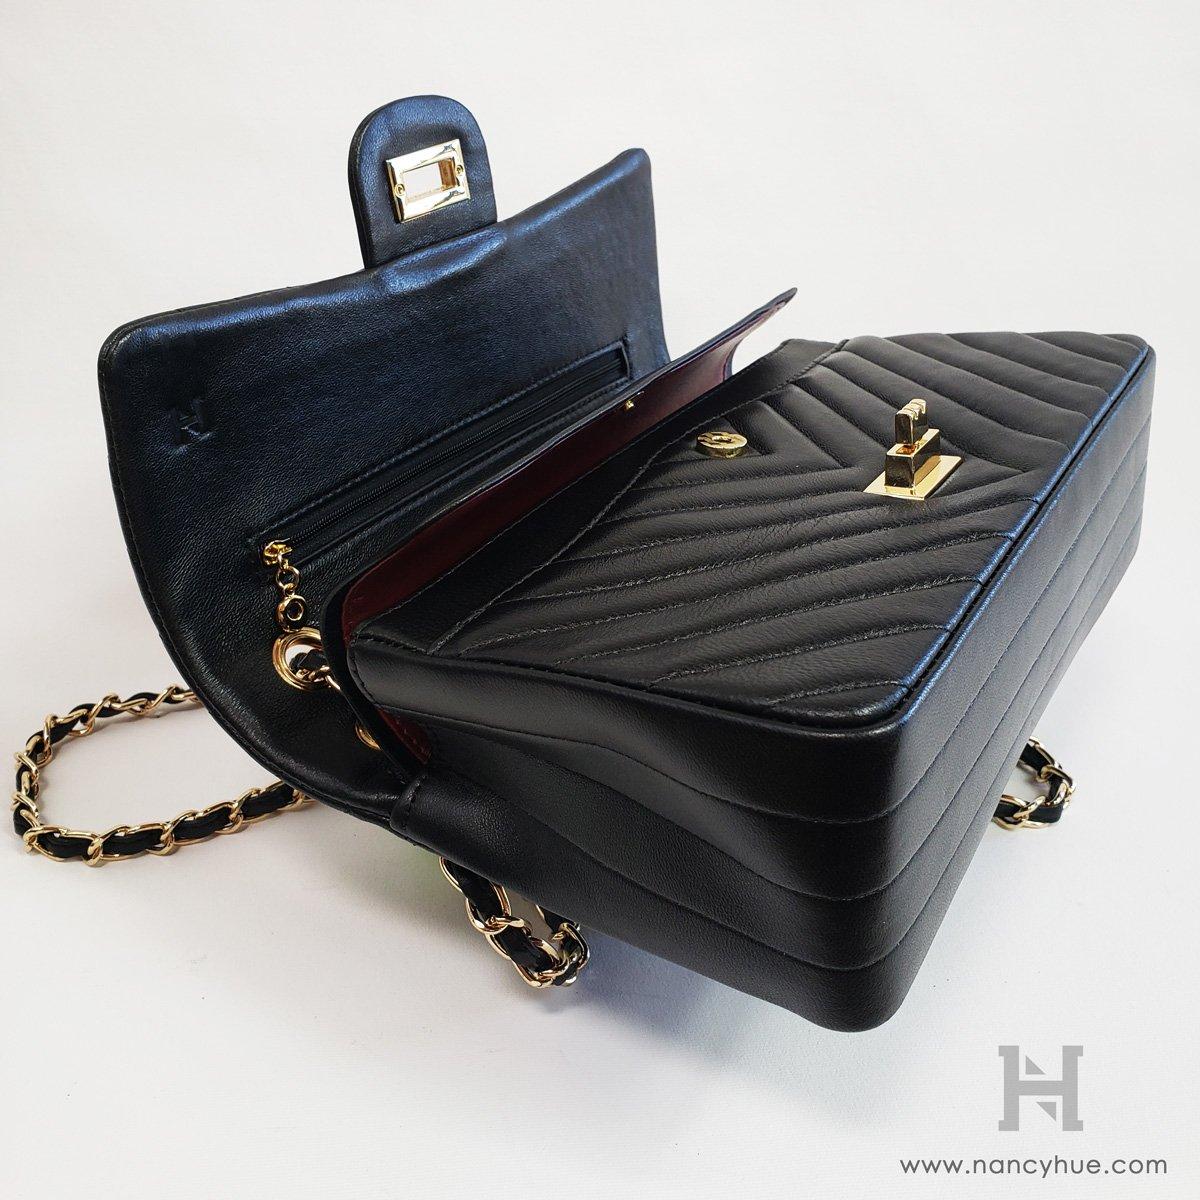 Nancy-Hue-Matlasse-V-Bag-Inside-Flap